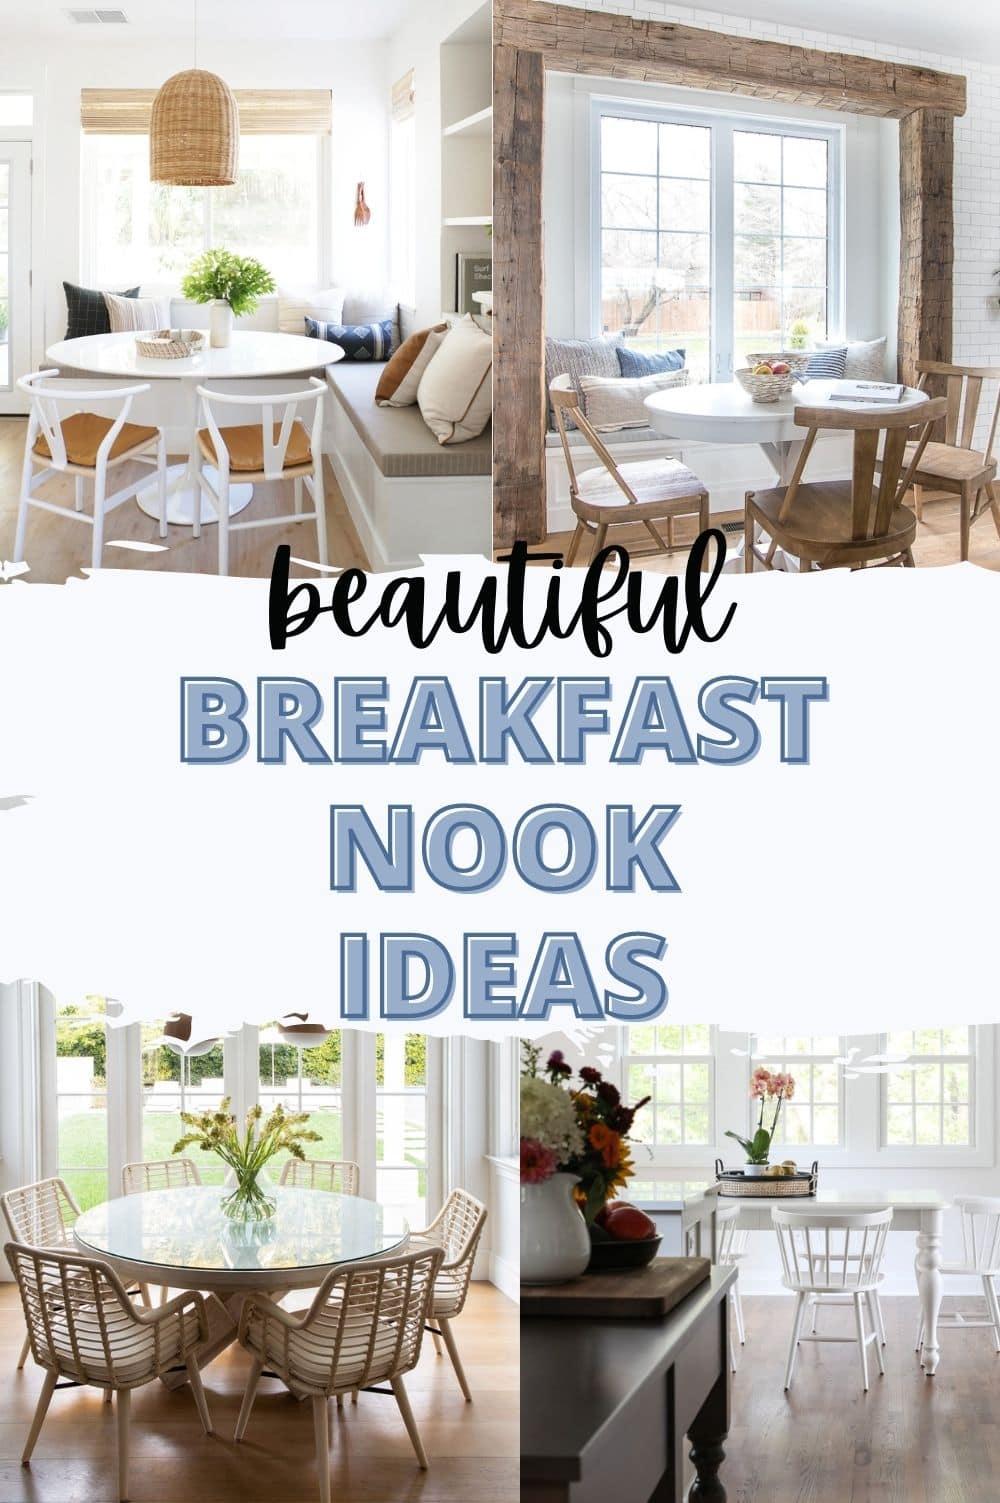 breakfast nook ideas pin